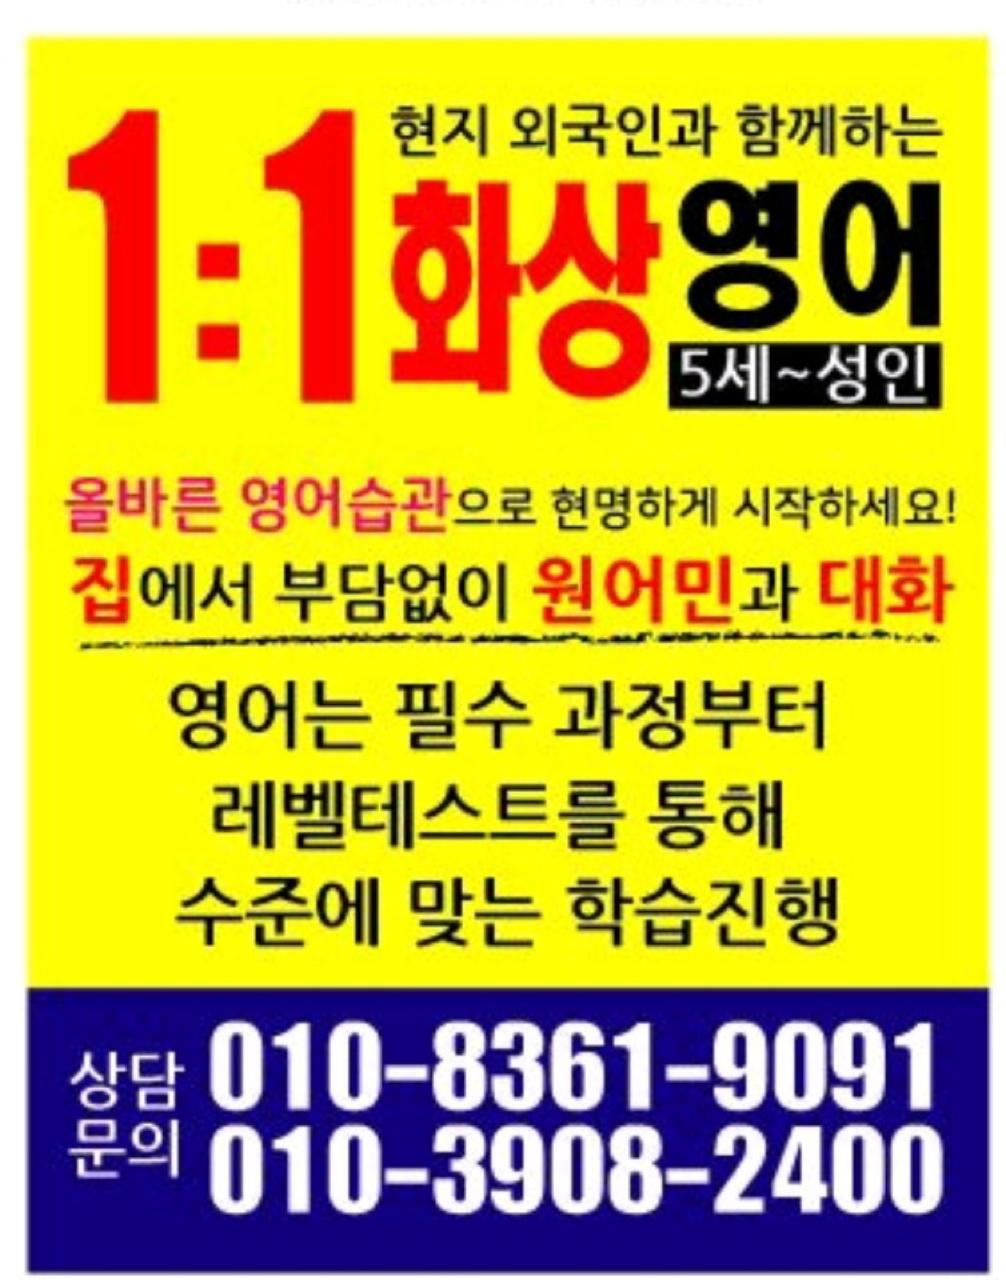 1:1 화상영어 모집해요 ~^^~